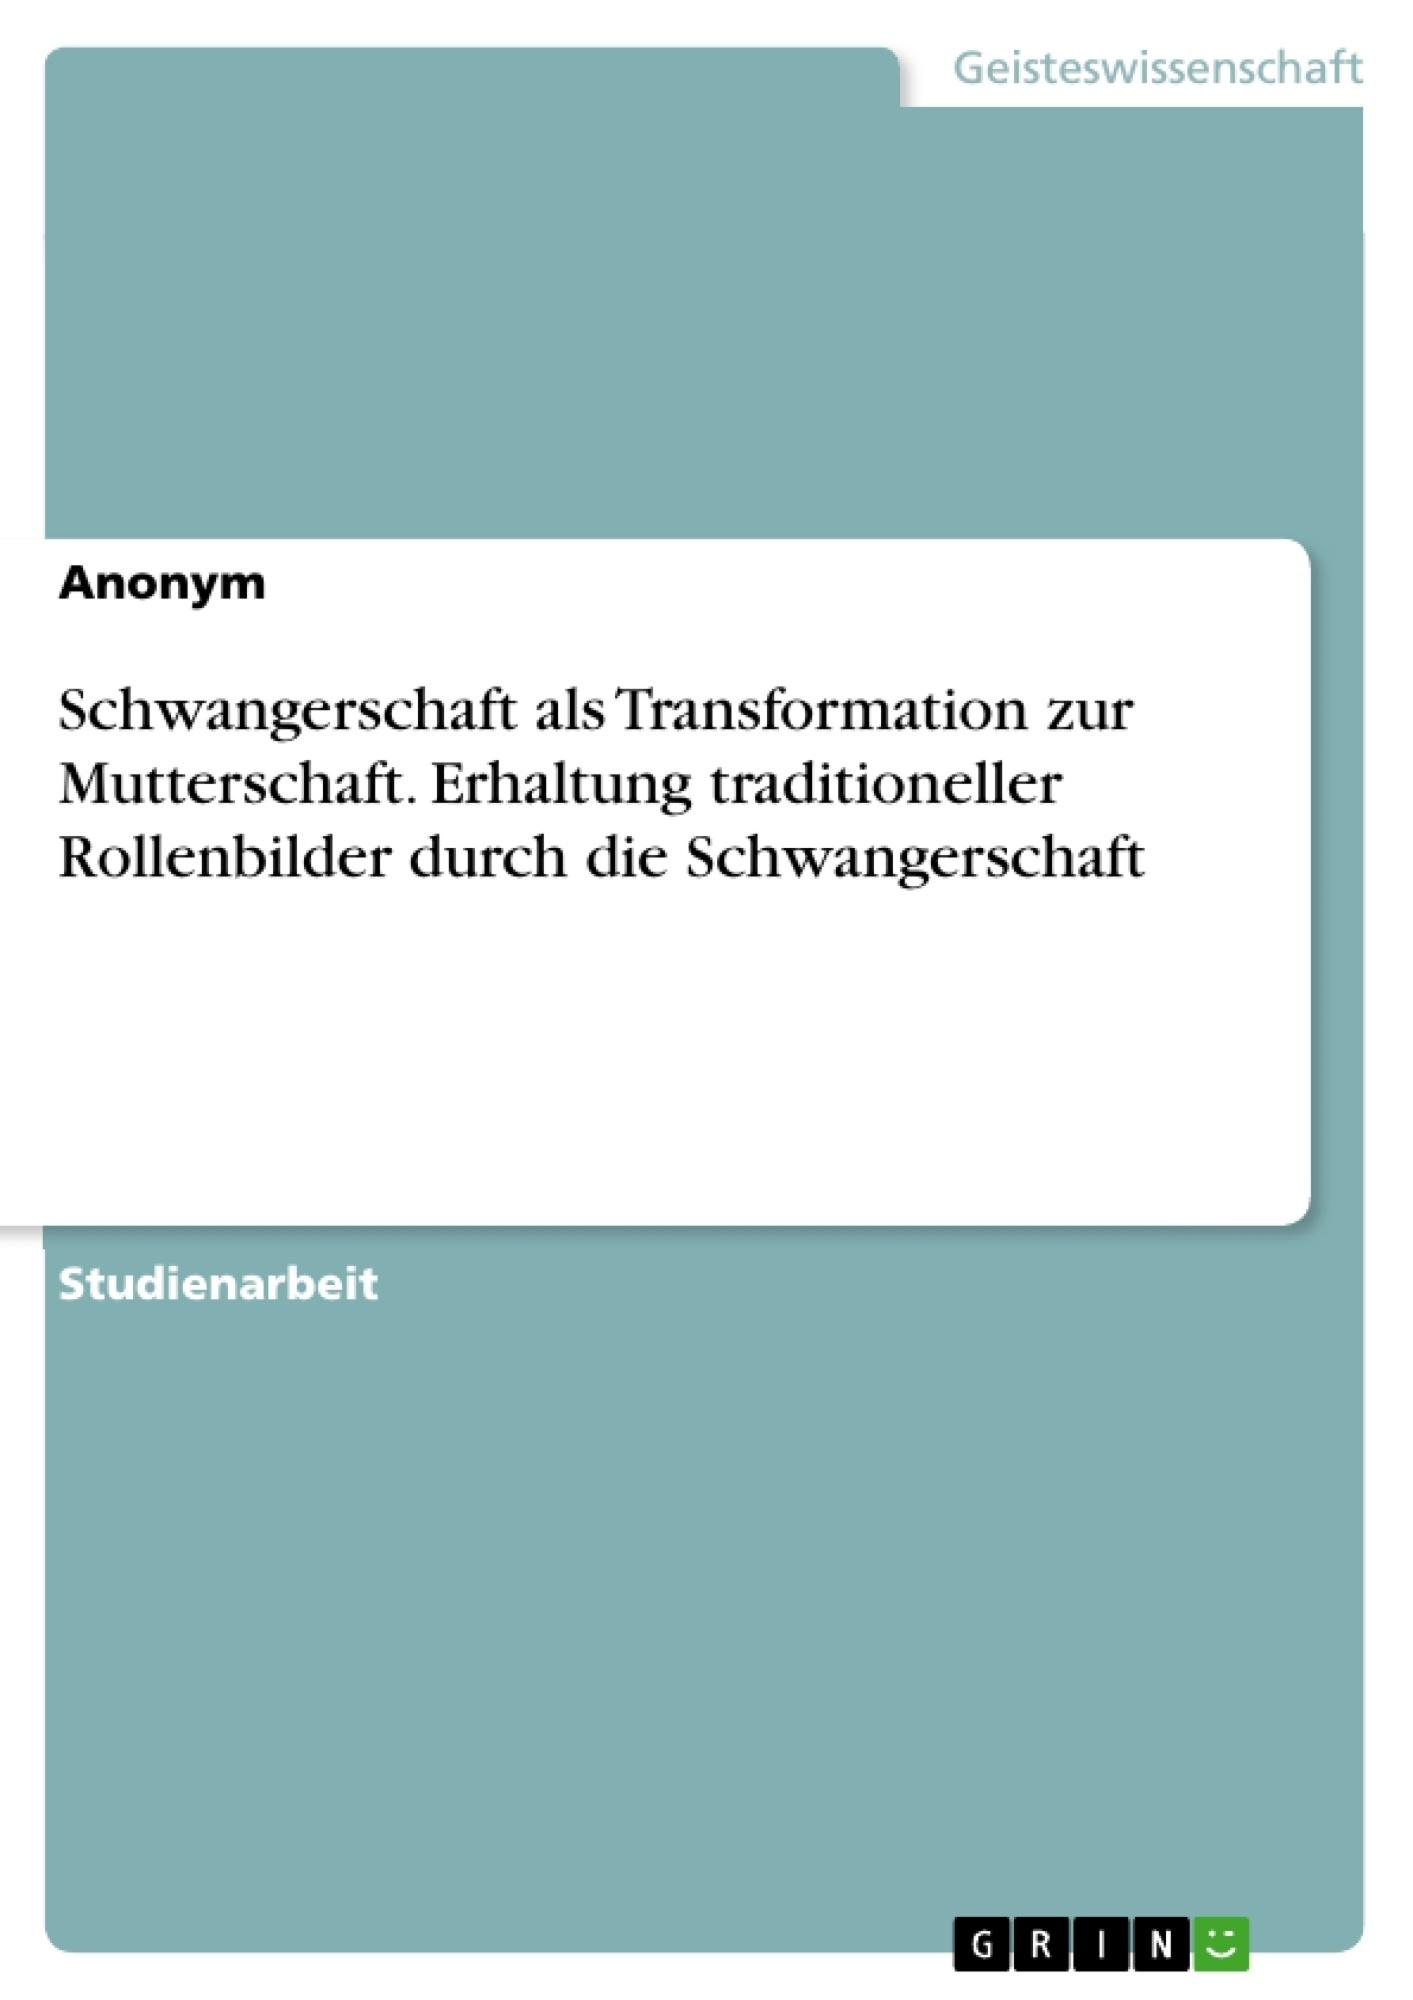 Titel: Schwangerschaft als Transformation zur Mutterschaft. Erhaltung traditioneller Rollenbilder durch die Schwangerschaft